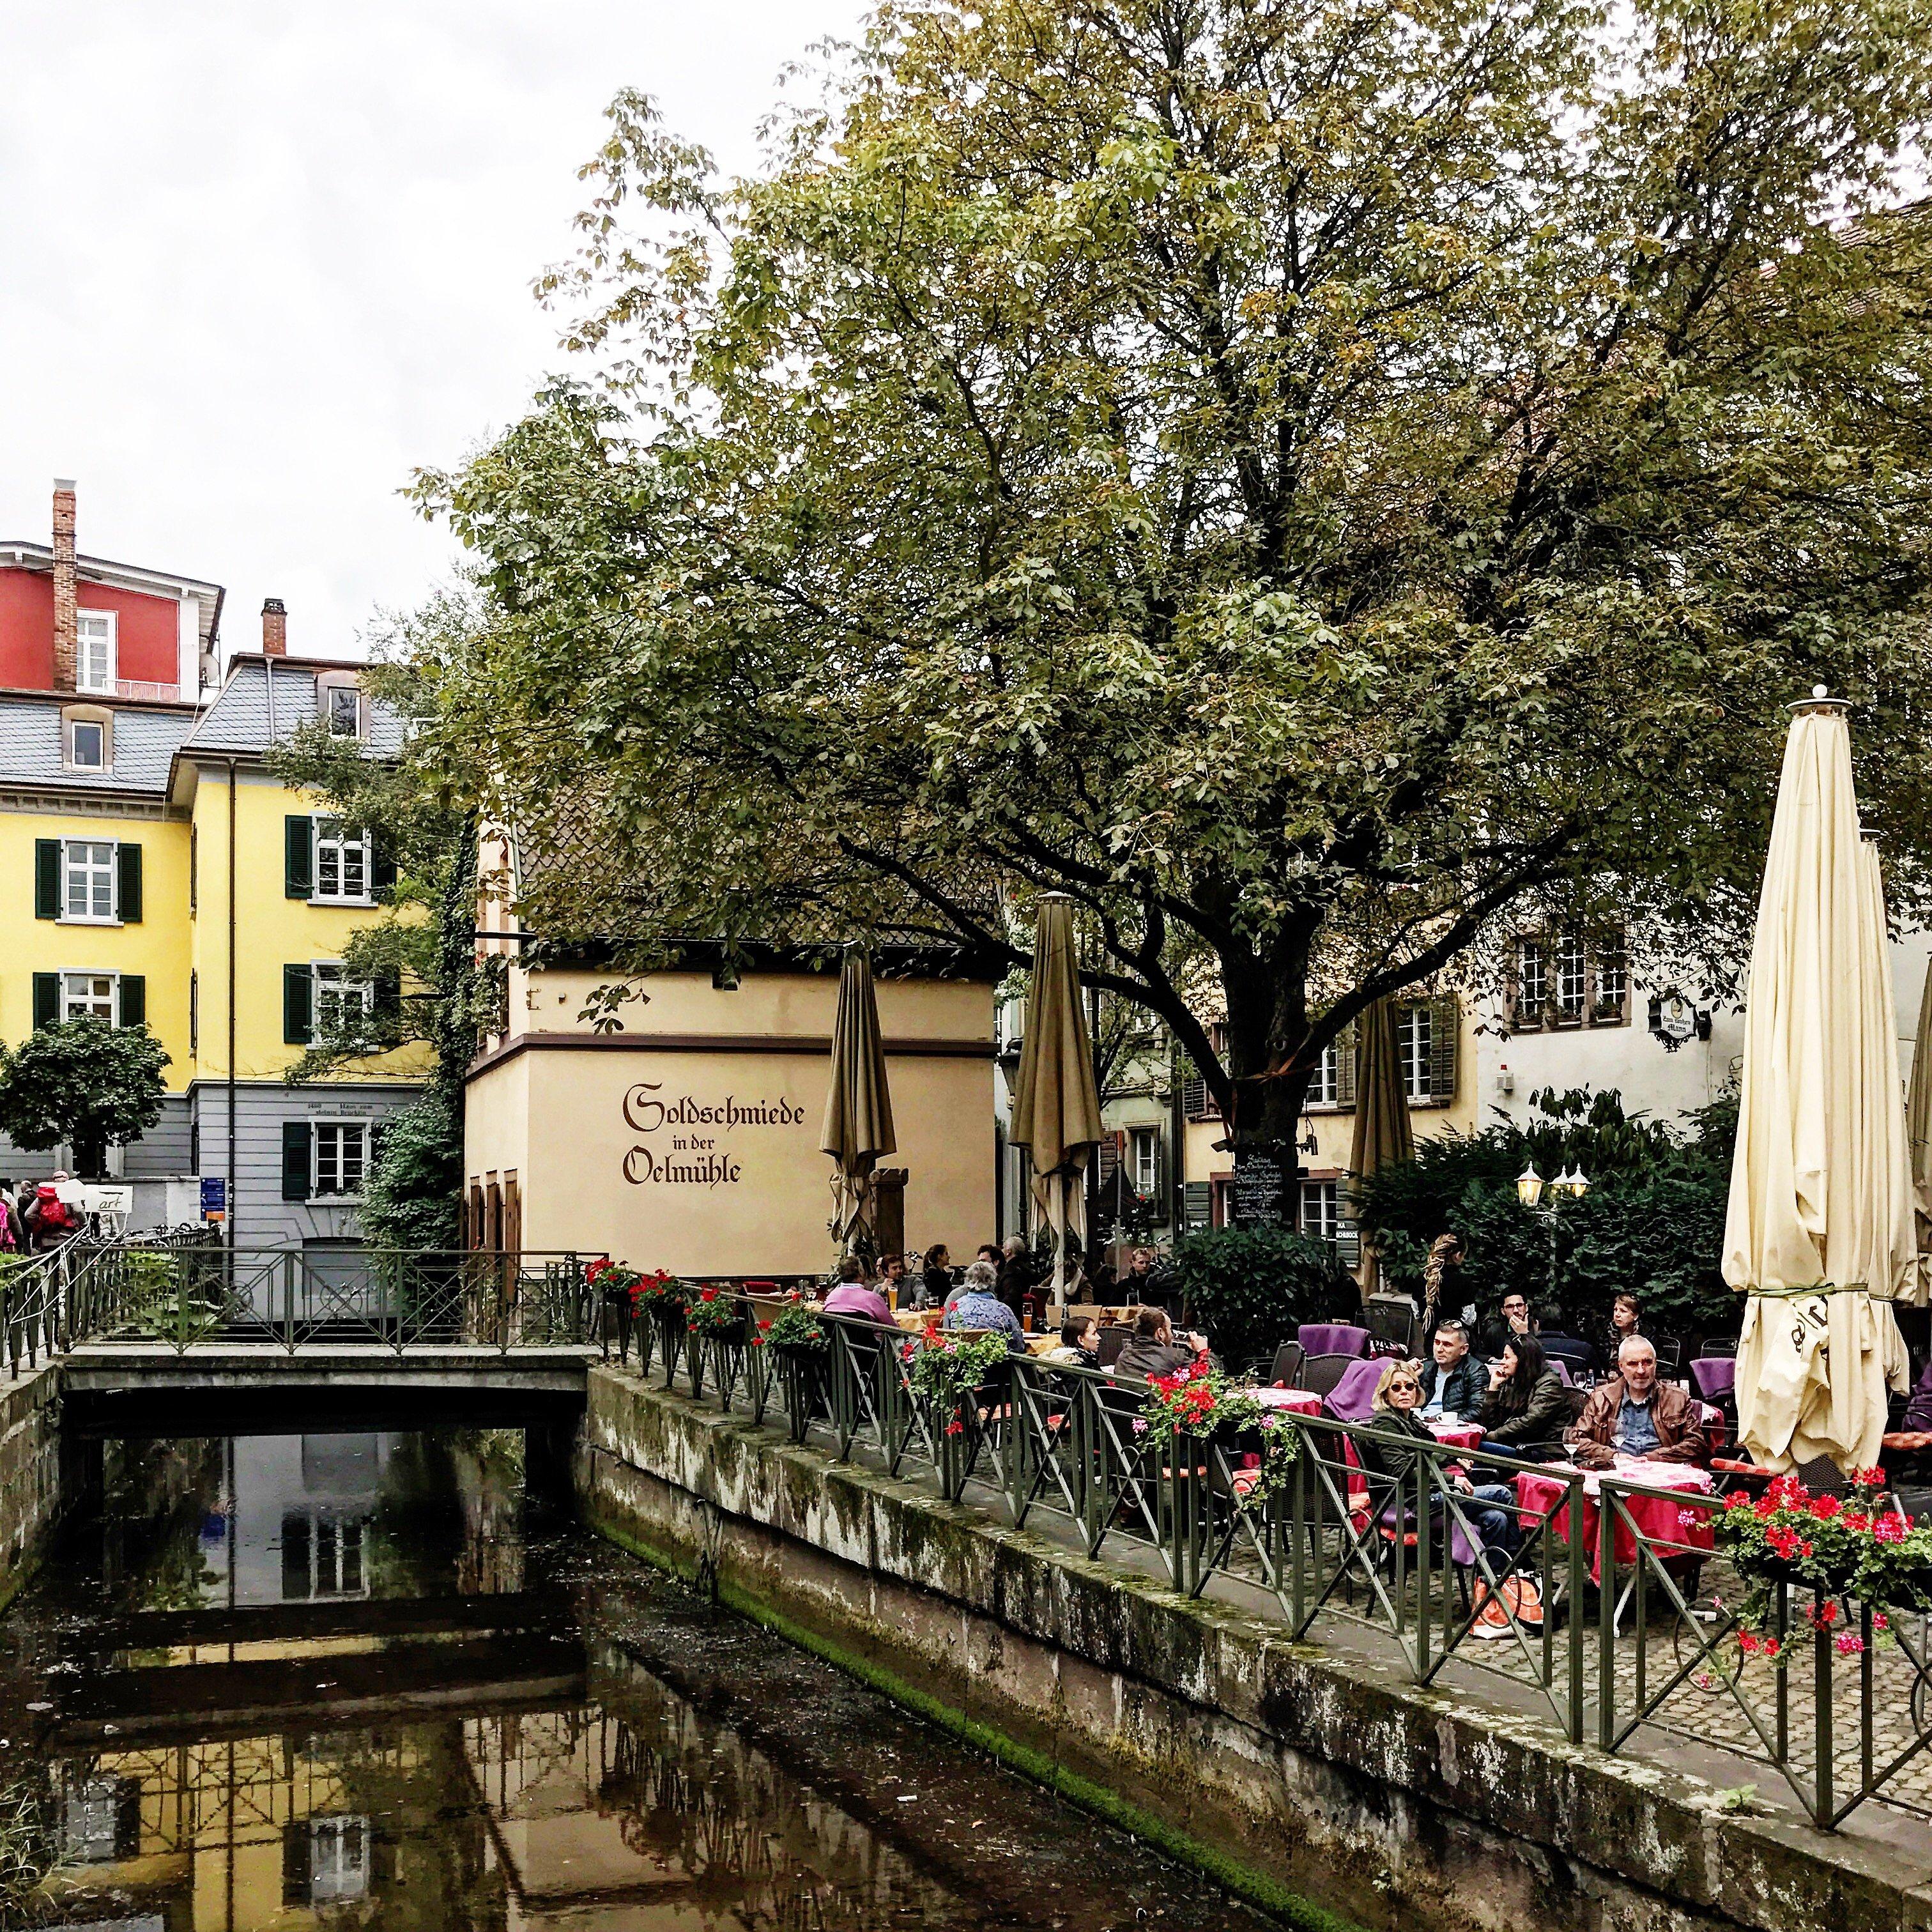 Freiburg: Goldschmied in der Oelmühle